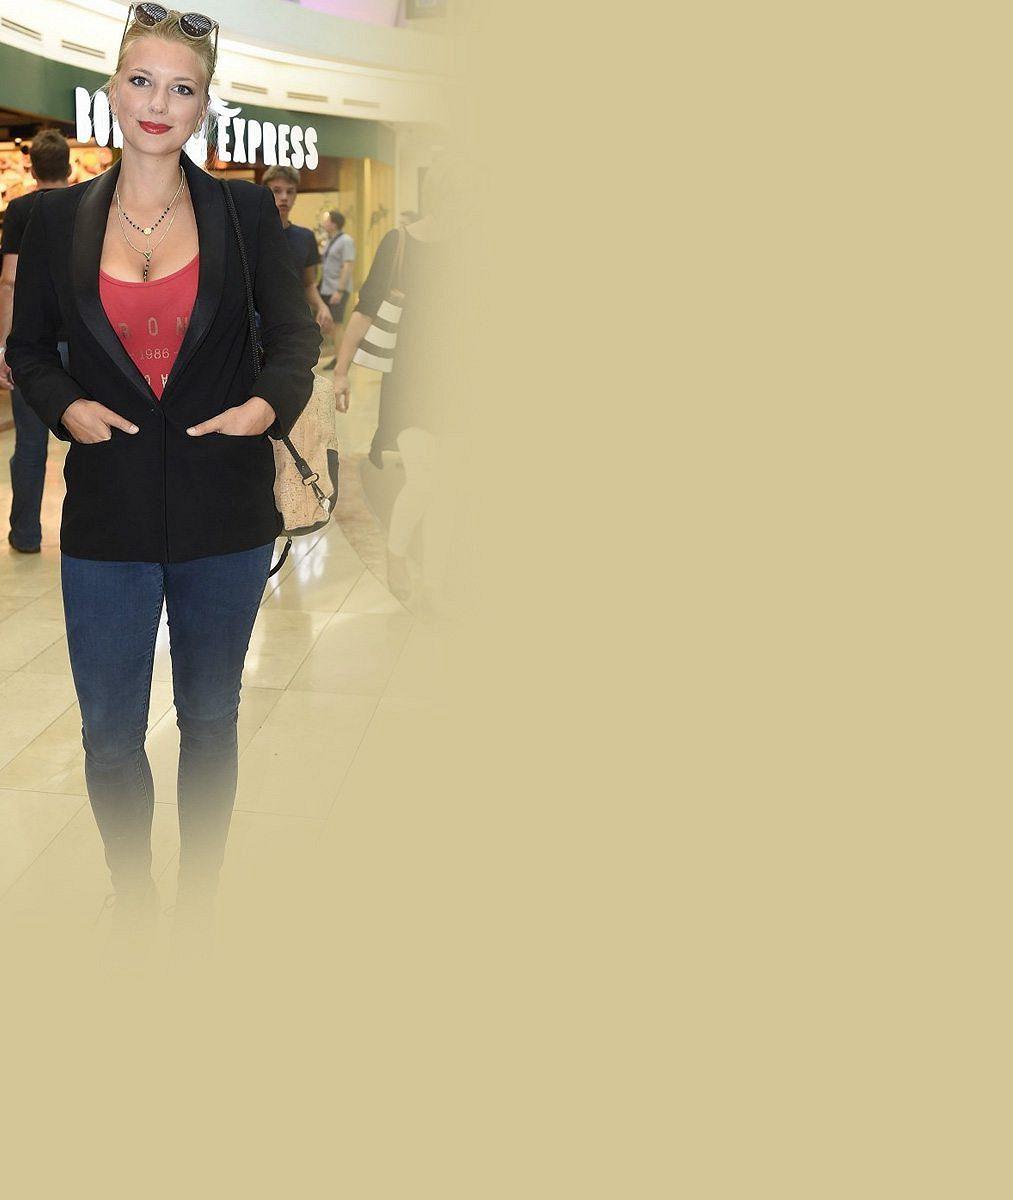 Změnila barvu vlasů, ale je to ona: Takhle to sluší herečce, která nafotila nejdráždivější snímky v historii seriálu Ulice